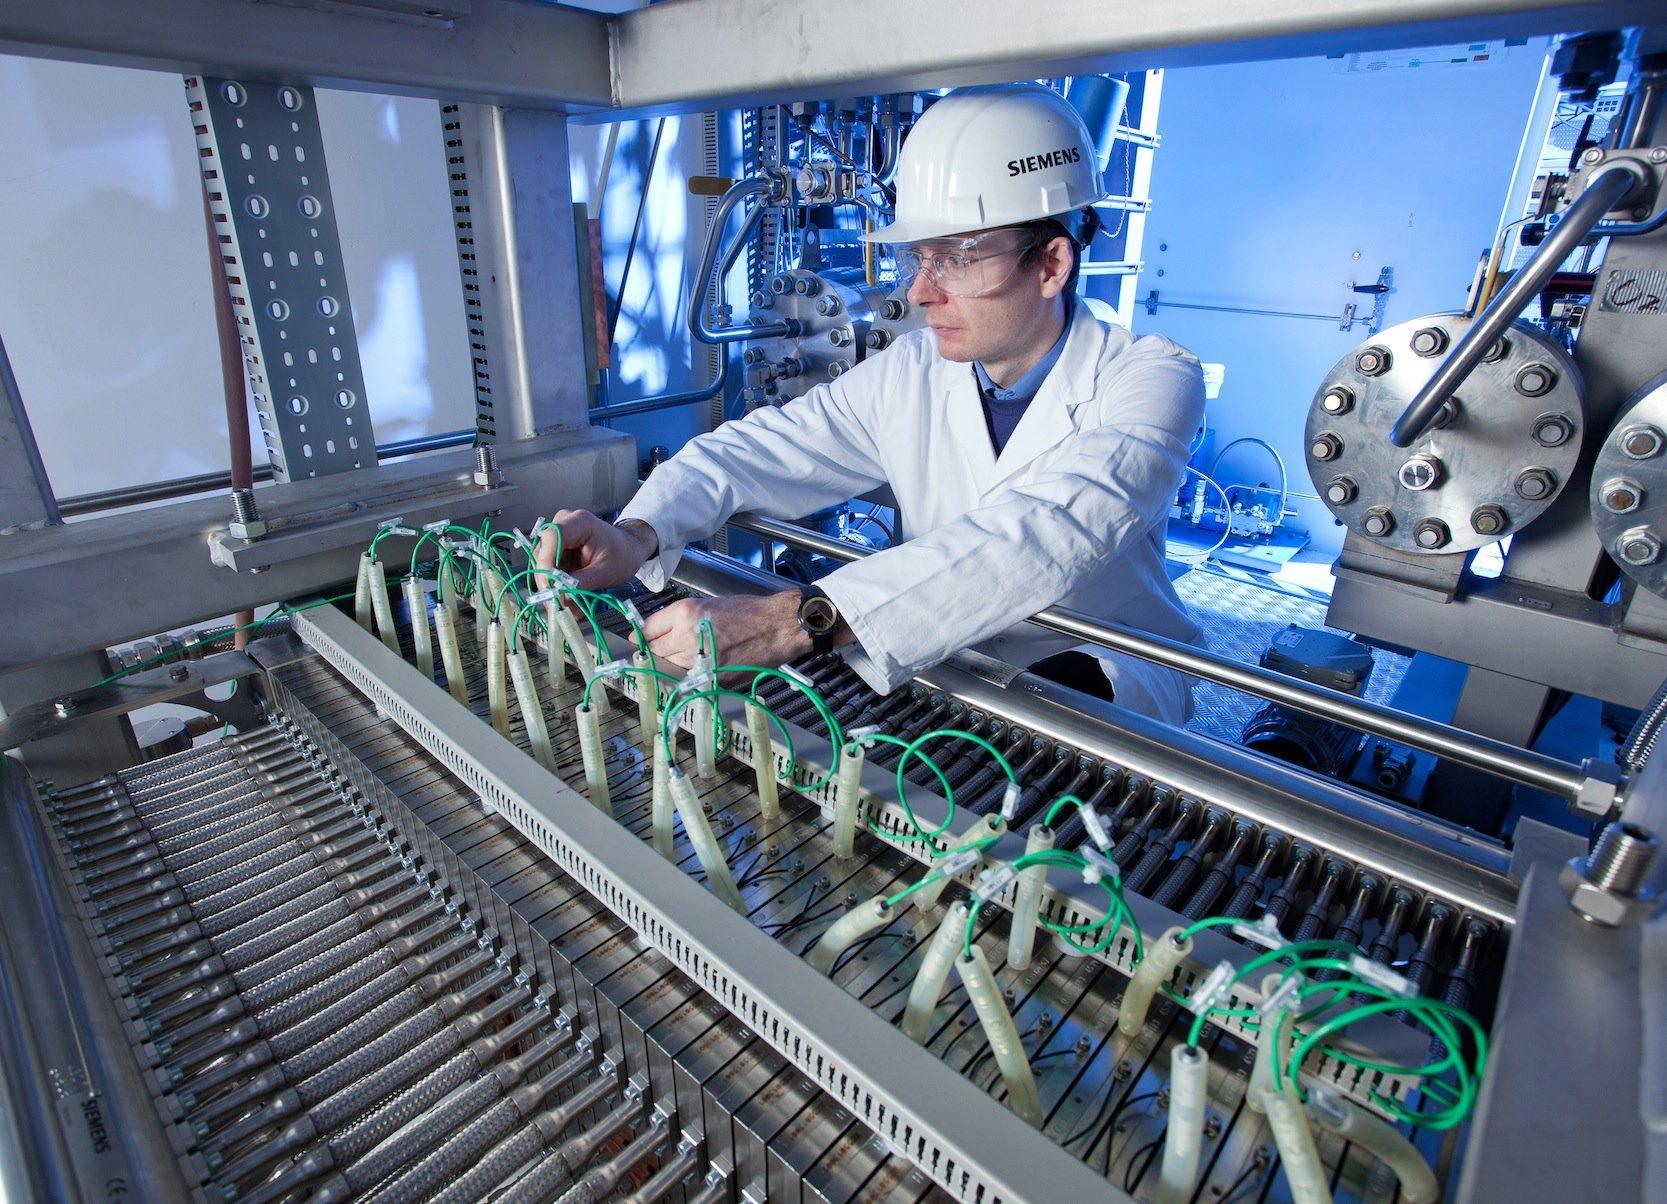 Wasserstoffherstellung mit Hilfe eines Elektrolysesystems von Siemens: Die Sparte, die Geld verdient, muss Stellen abbauen, weil sie unter den Renditevorgaben des Konzerns liegt.